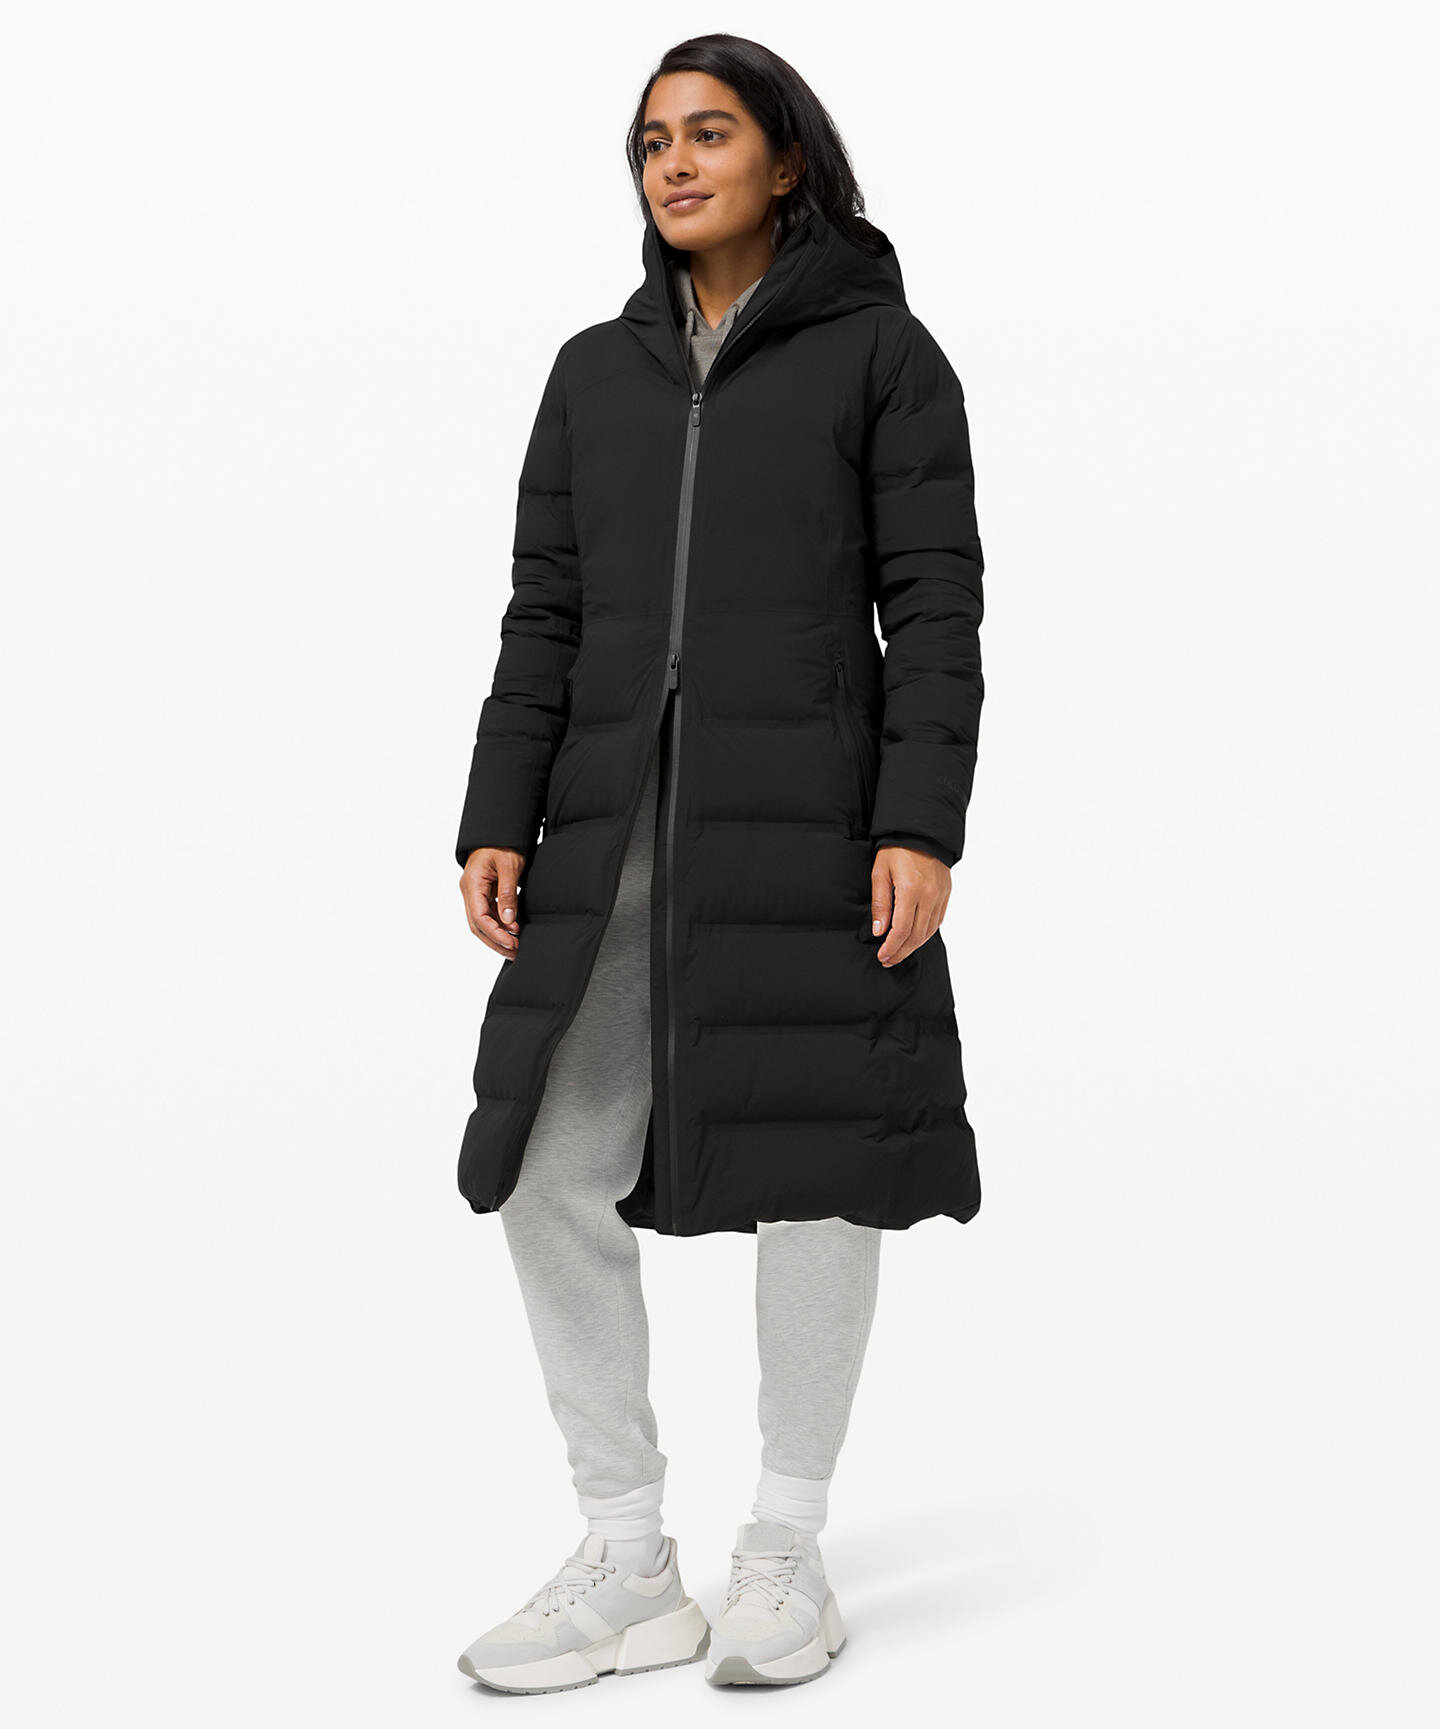 lululemon full length women's warm winter coat